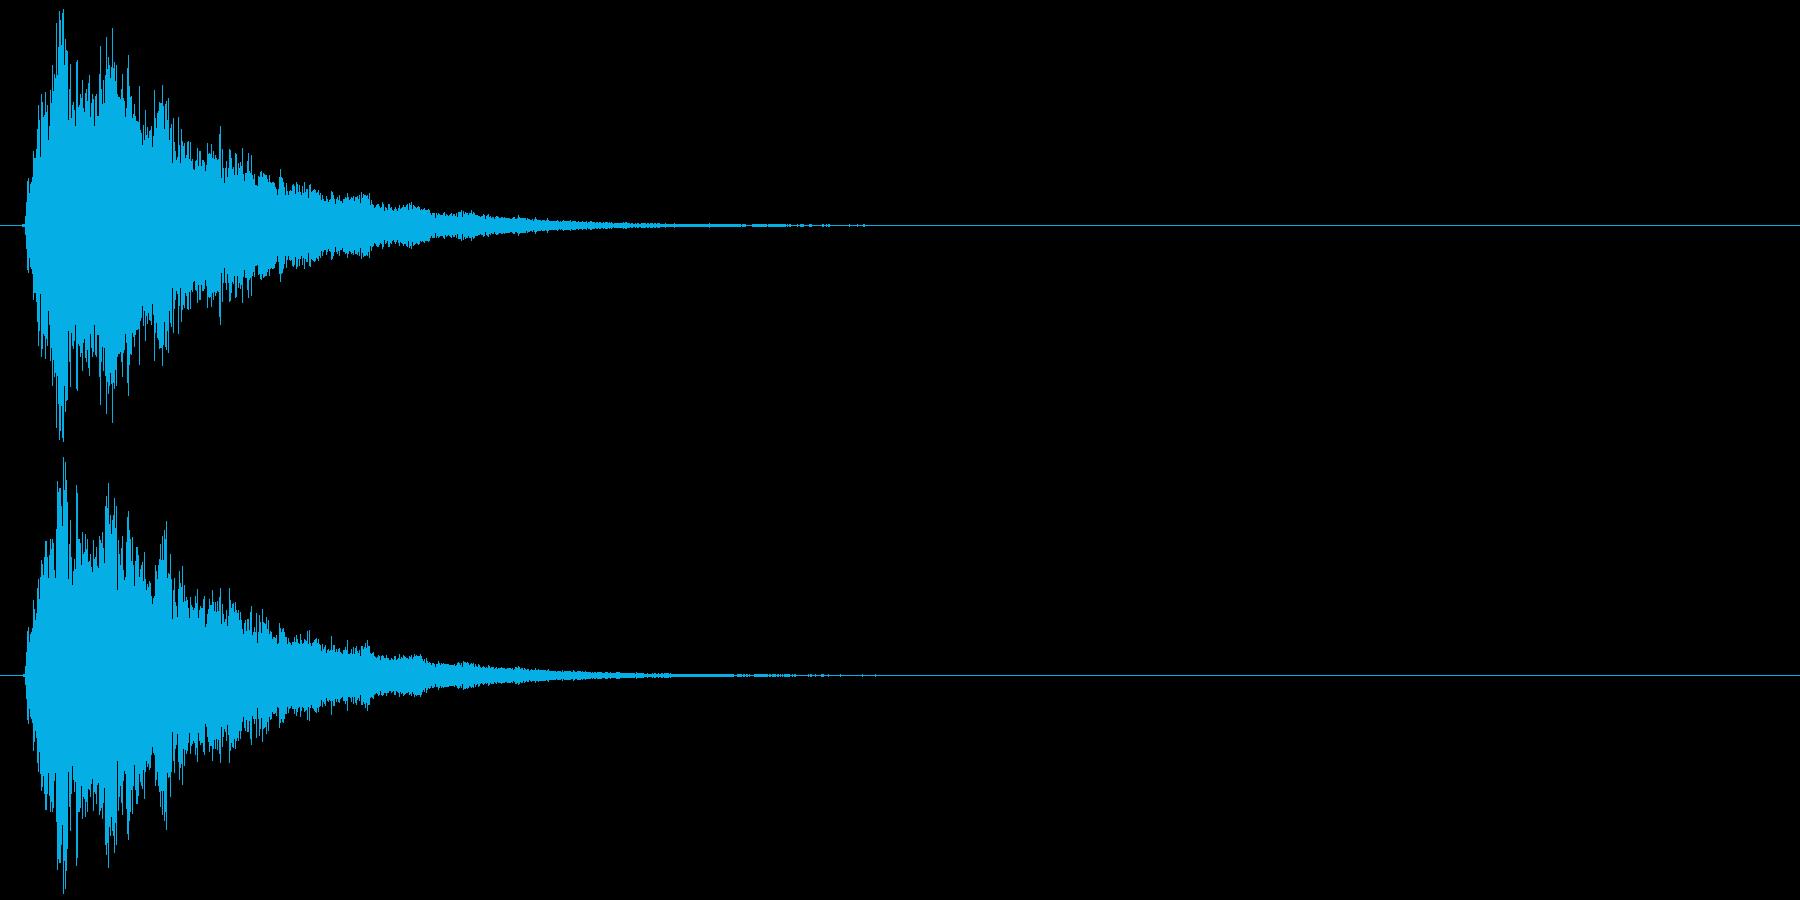 キラっ!(アイテム取得、星、キラキラ)の再生済みの波形